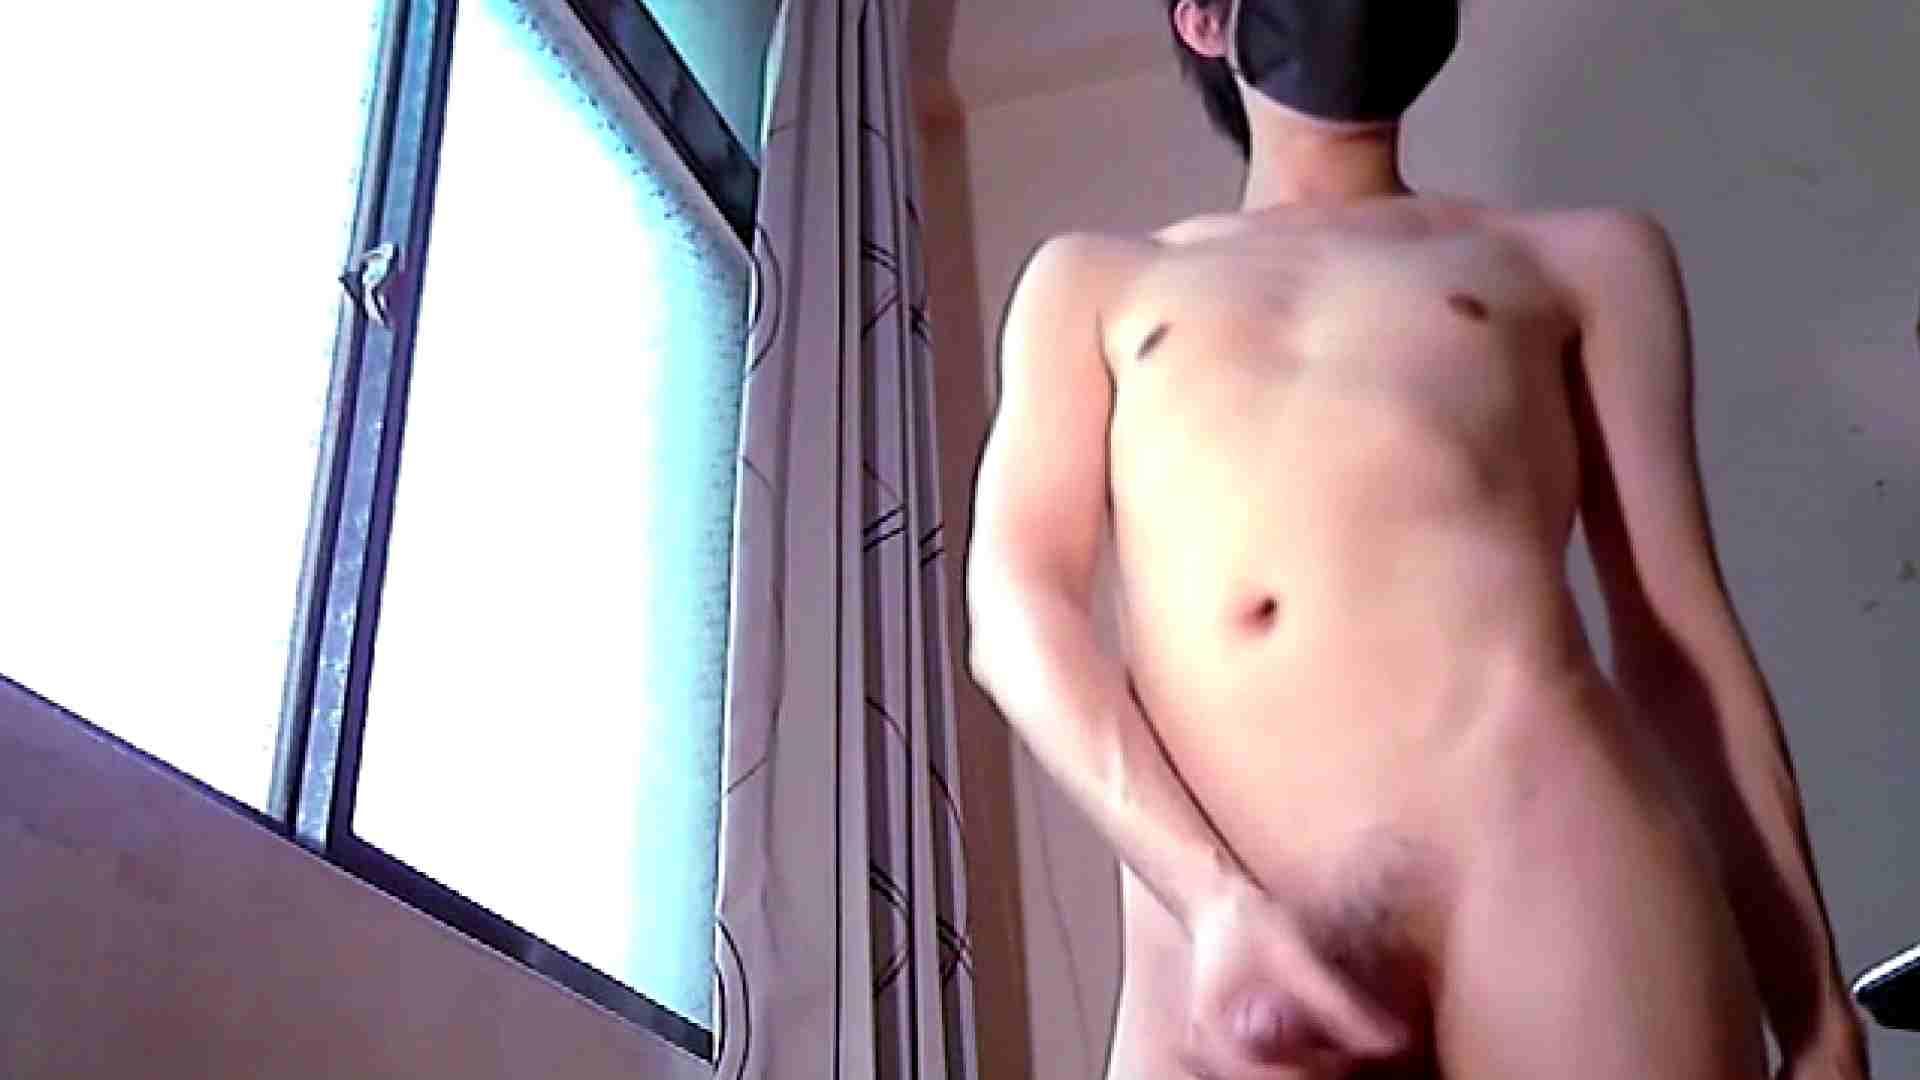 ぎゃんかわ男子のはれんちオナニー  vol.05 手コキ ゲイ無修正ビデオ画像 110pic 35